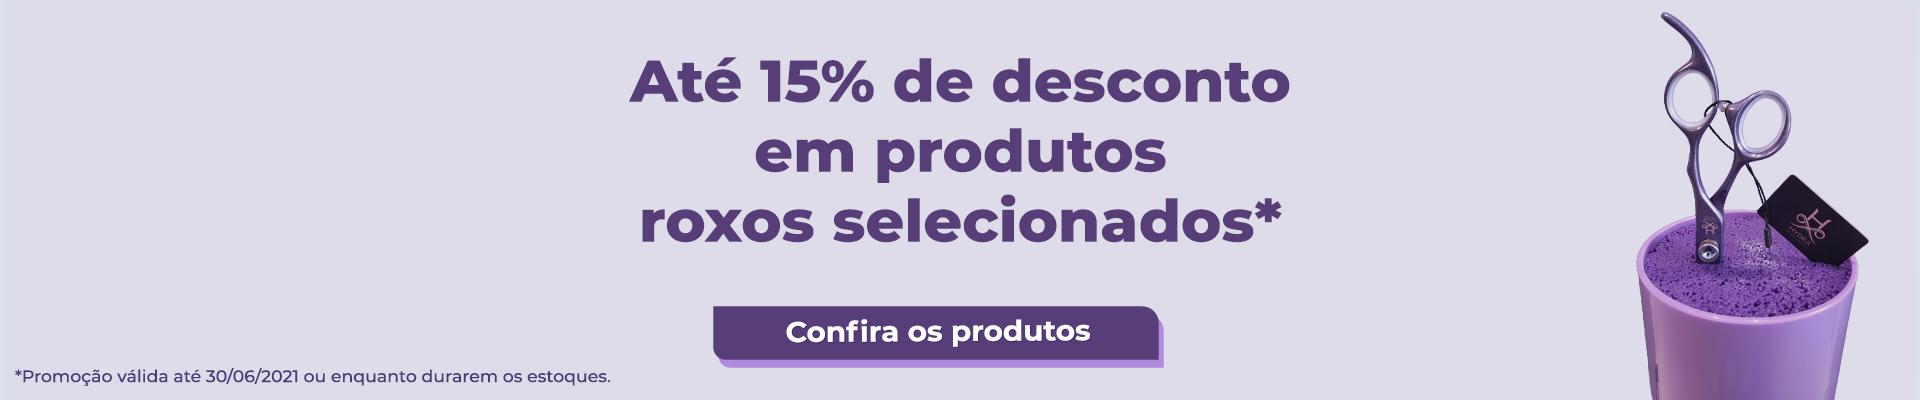 Jun - Produtos roxos até 15%